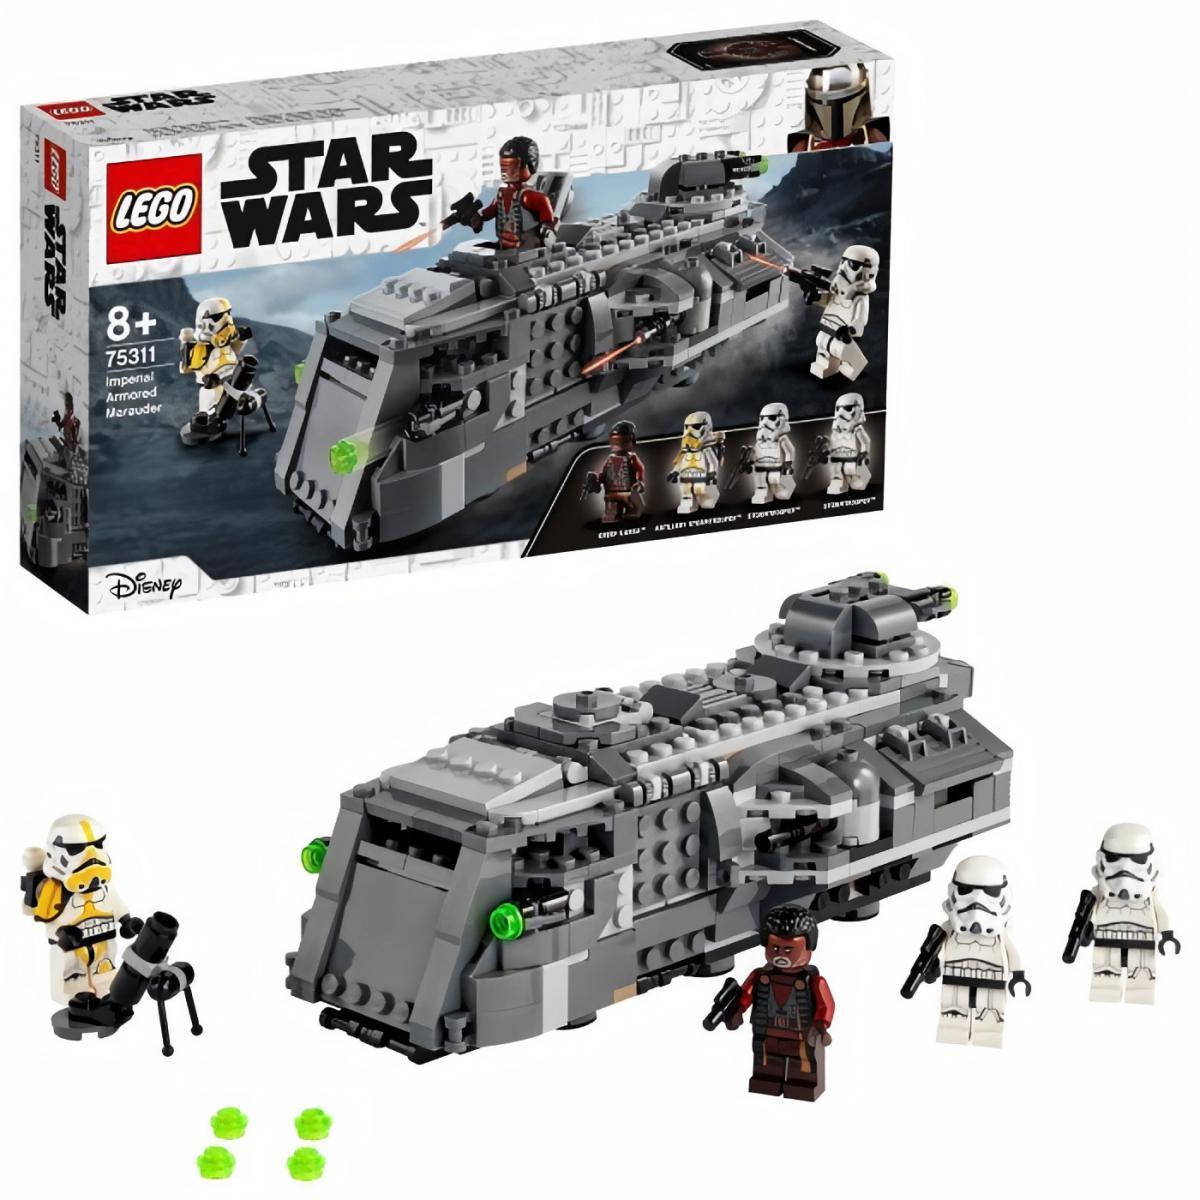 Lego LEGO 75311 Star Wars Le Maraudeur Blindé Impérial, Jouet pour Enfants de 8 ans et plus, avec 4 Figurines